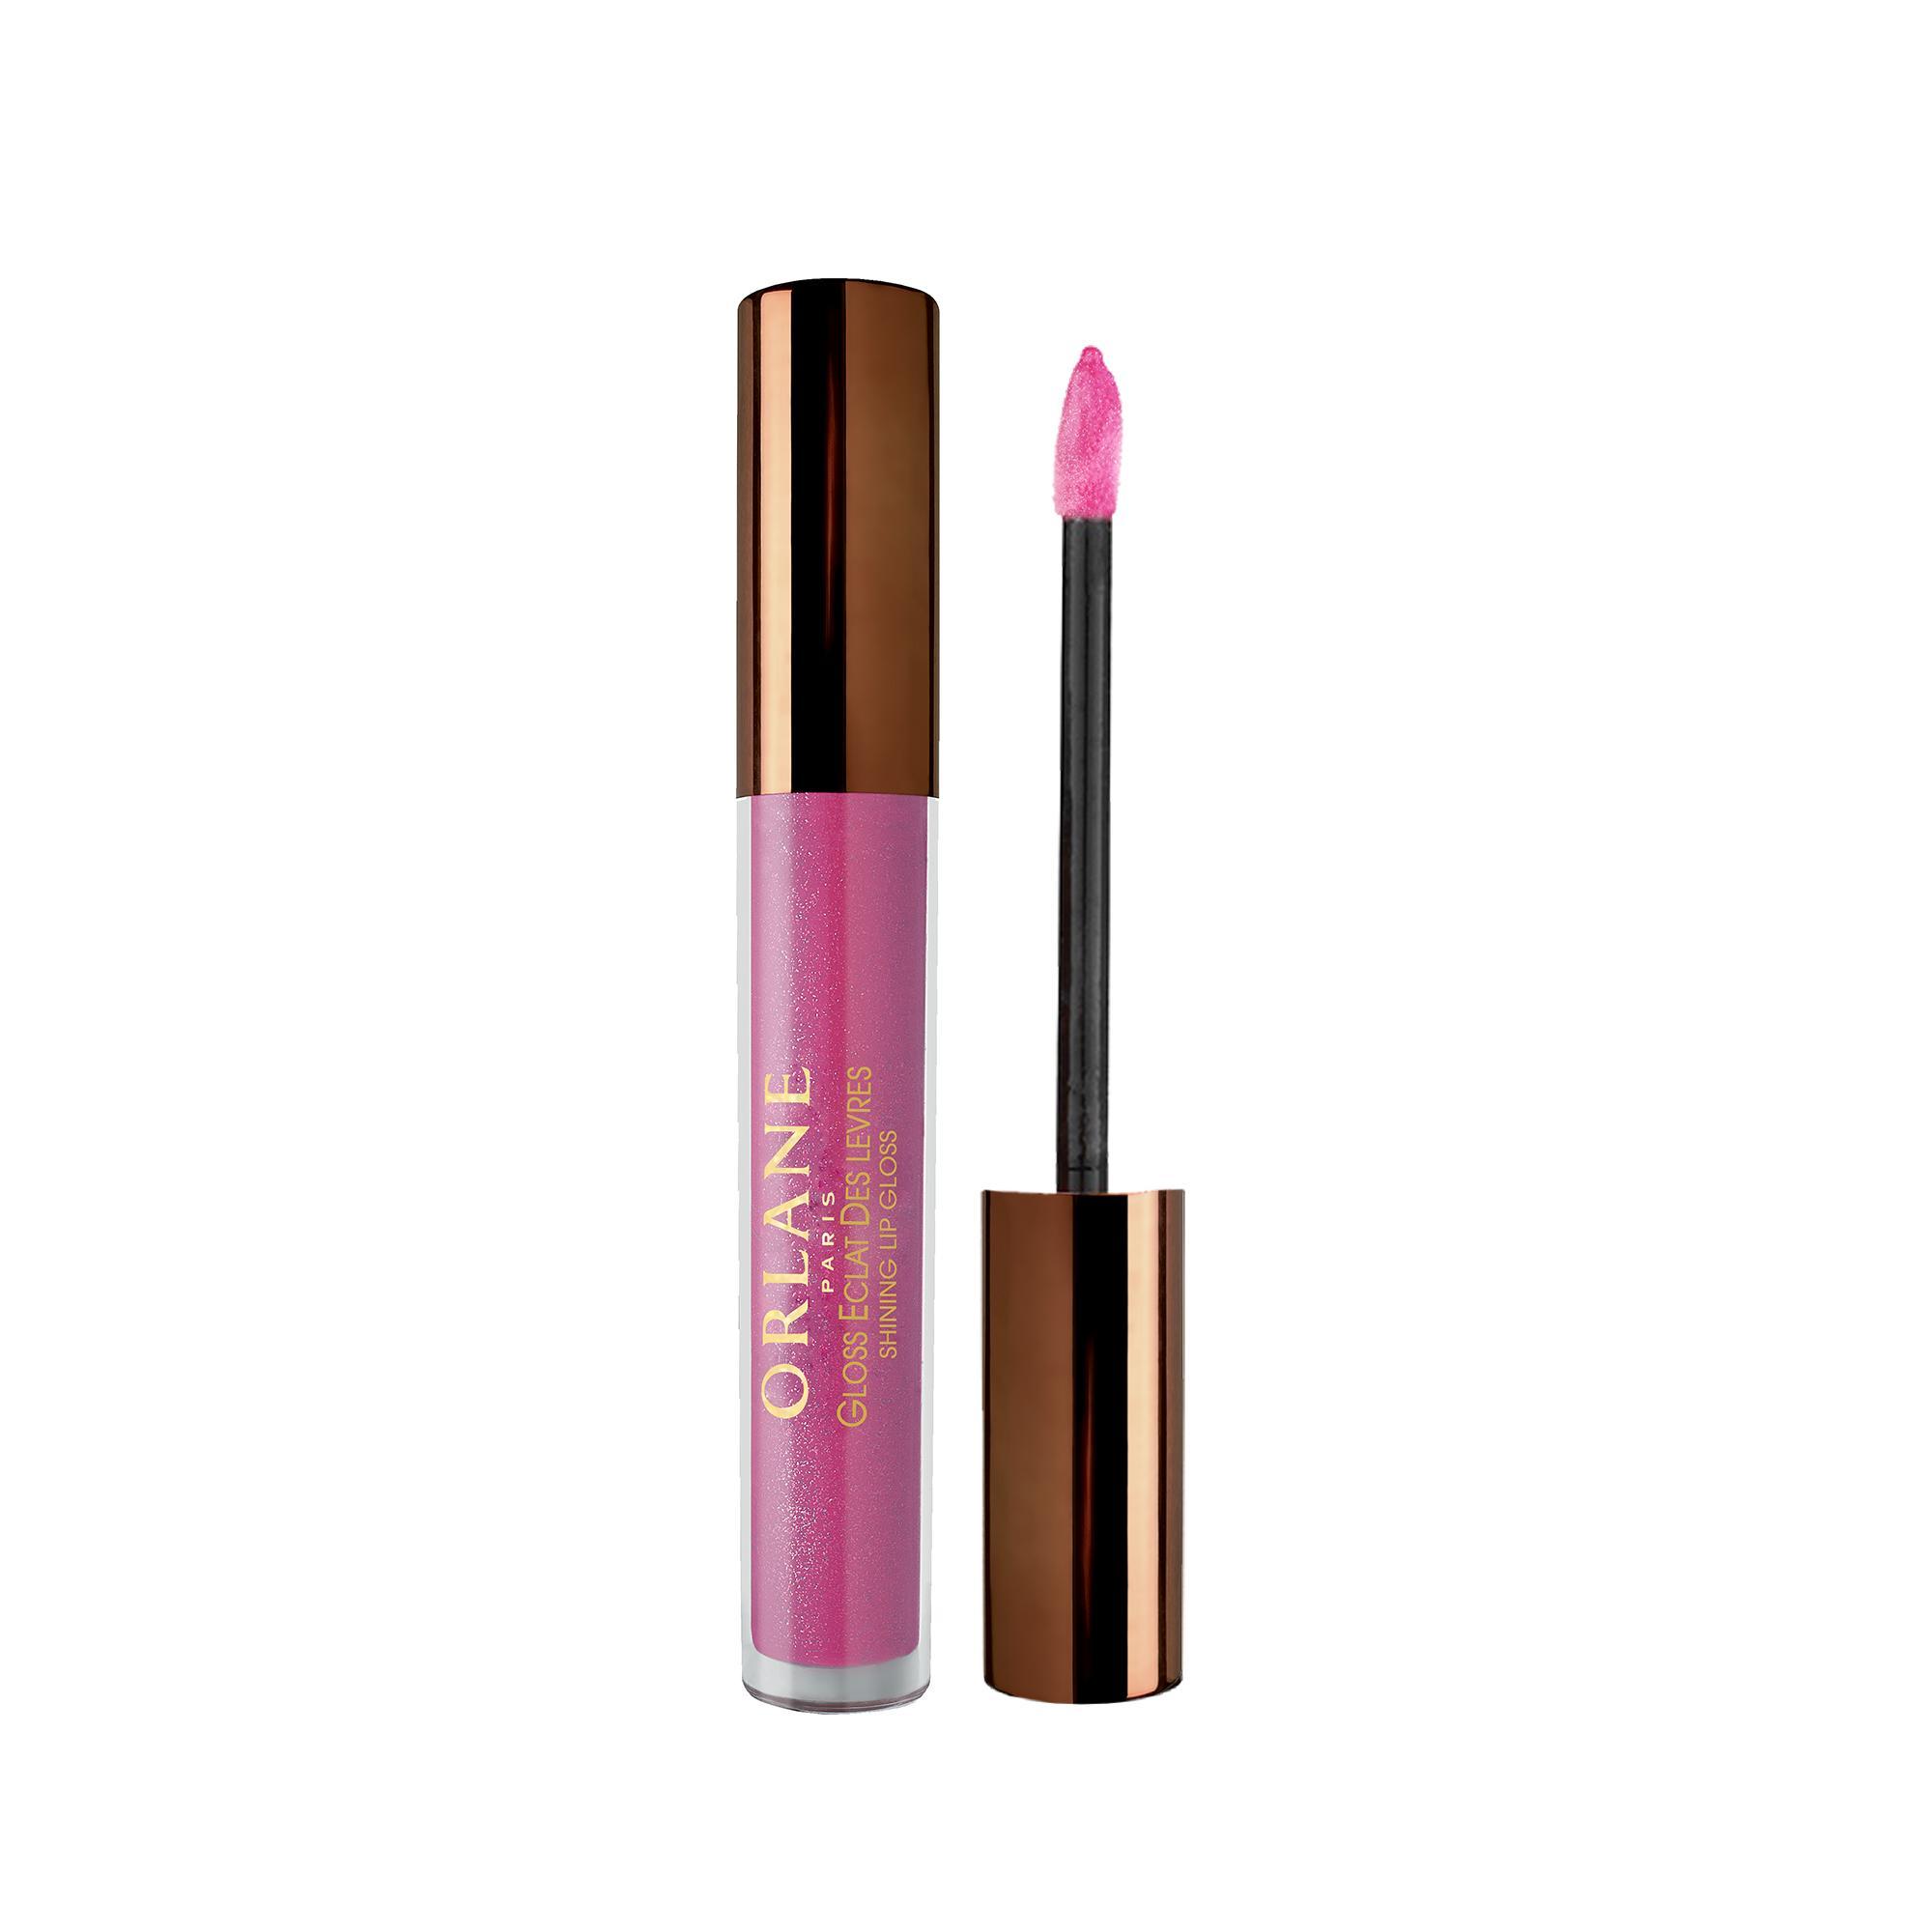 Son bóng Orlane có dưỡng môi 2 trong 1 #7 Orlane Shinning Lip Gloss #7 Rose Shimmer 3ml